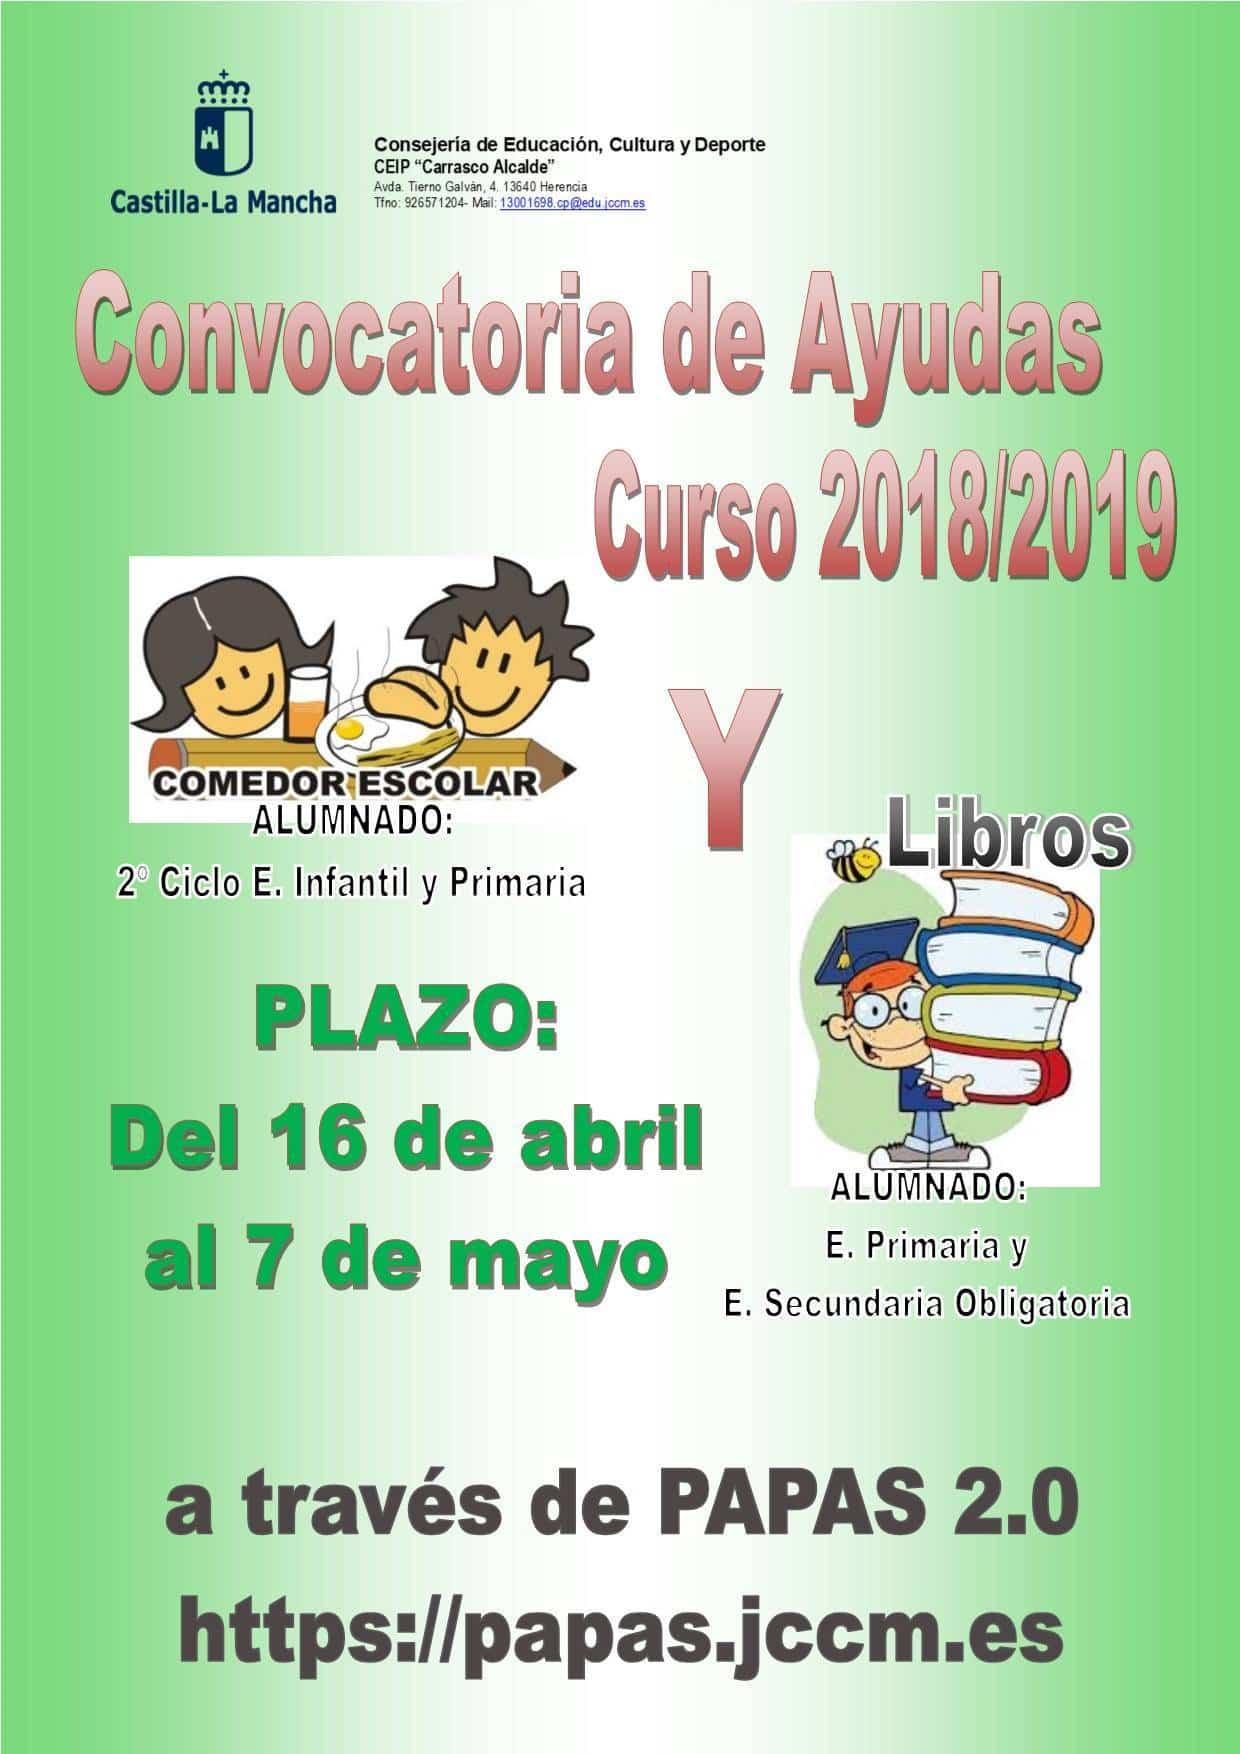 Convocatoria de ayudas para comedor escolar y libros para curso 2018/2019 3